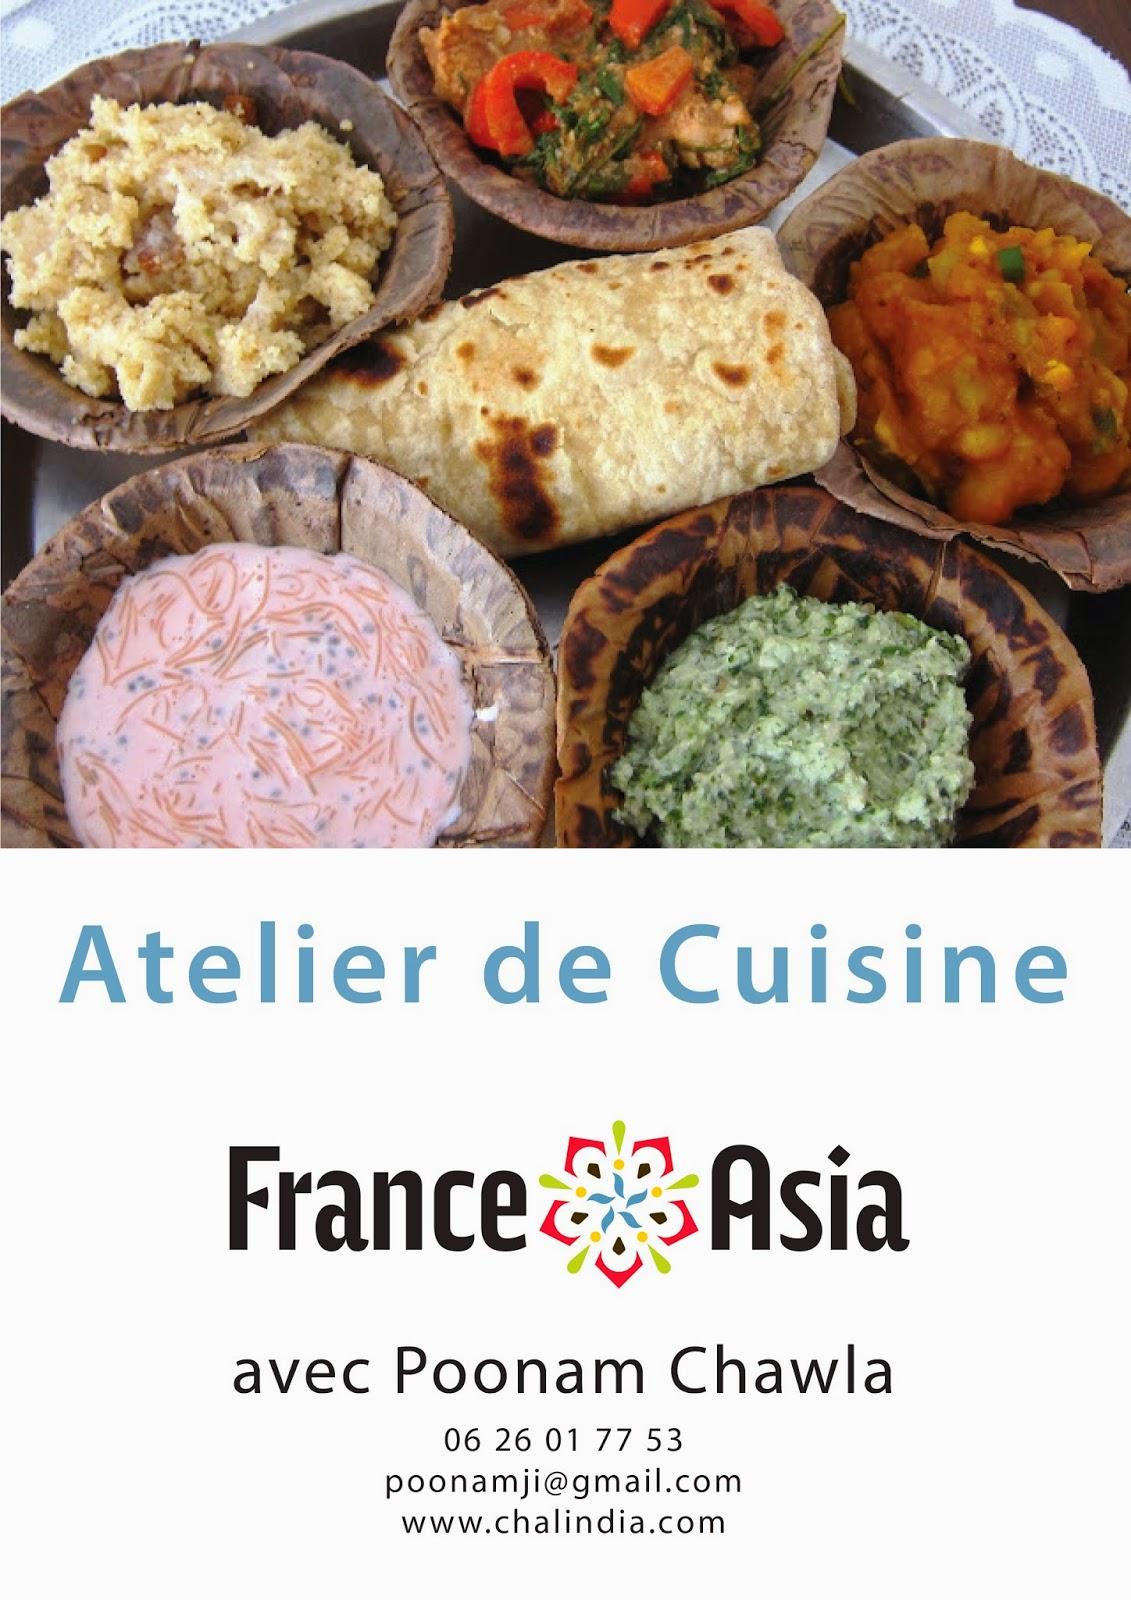 At liers de cuisine indienne en partenariat avec france - Ateliers de cuisine paris ...